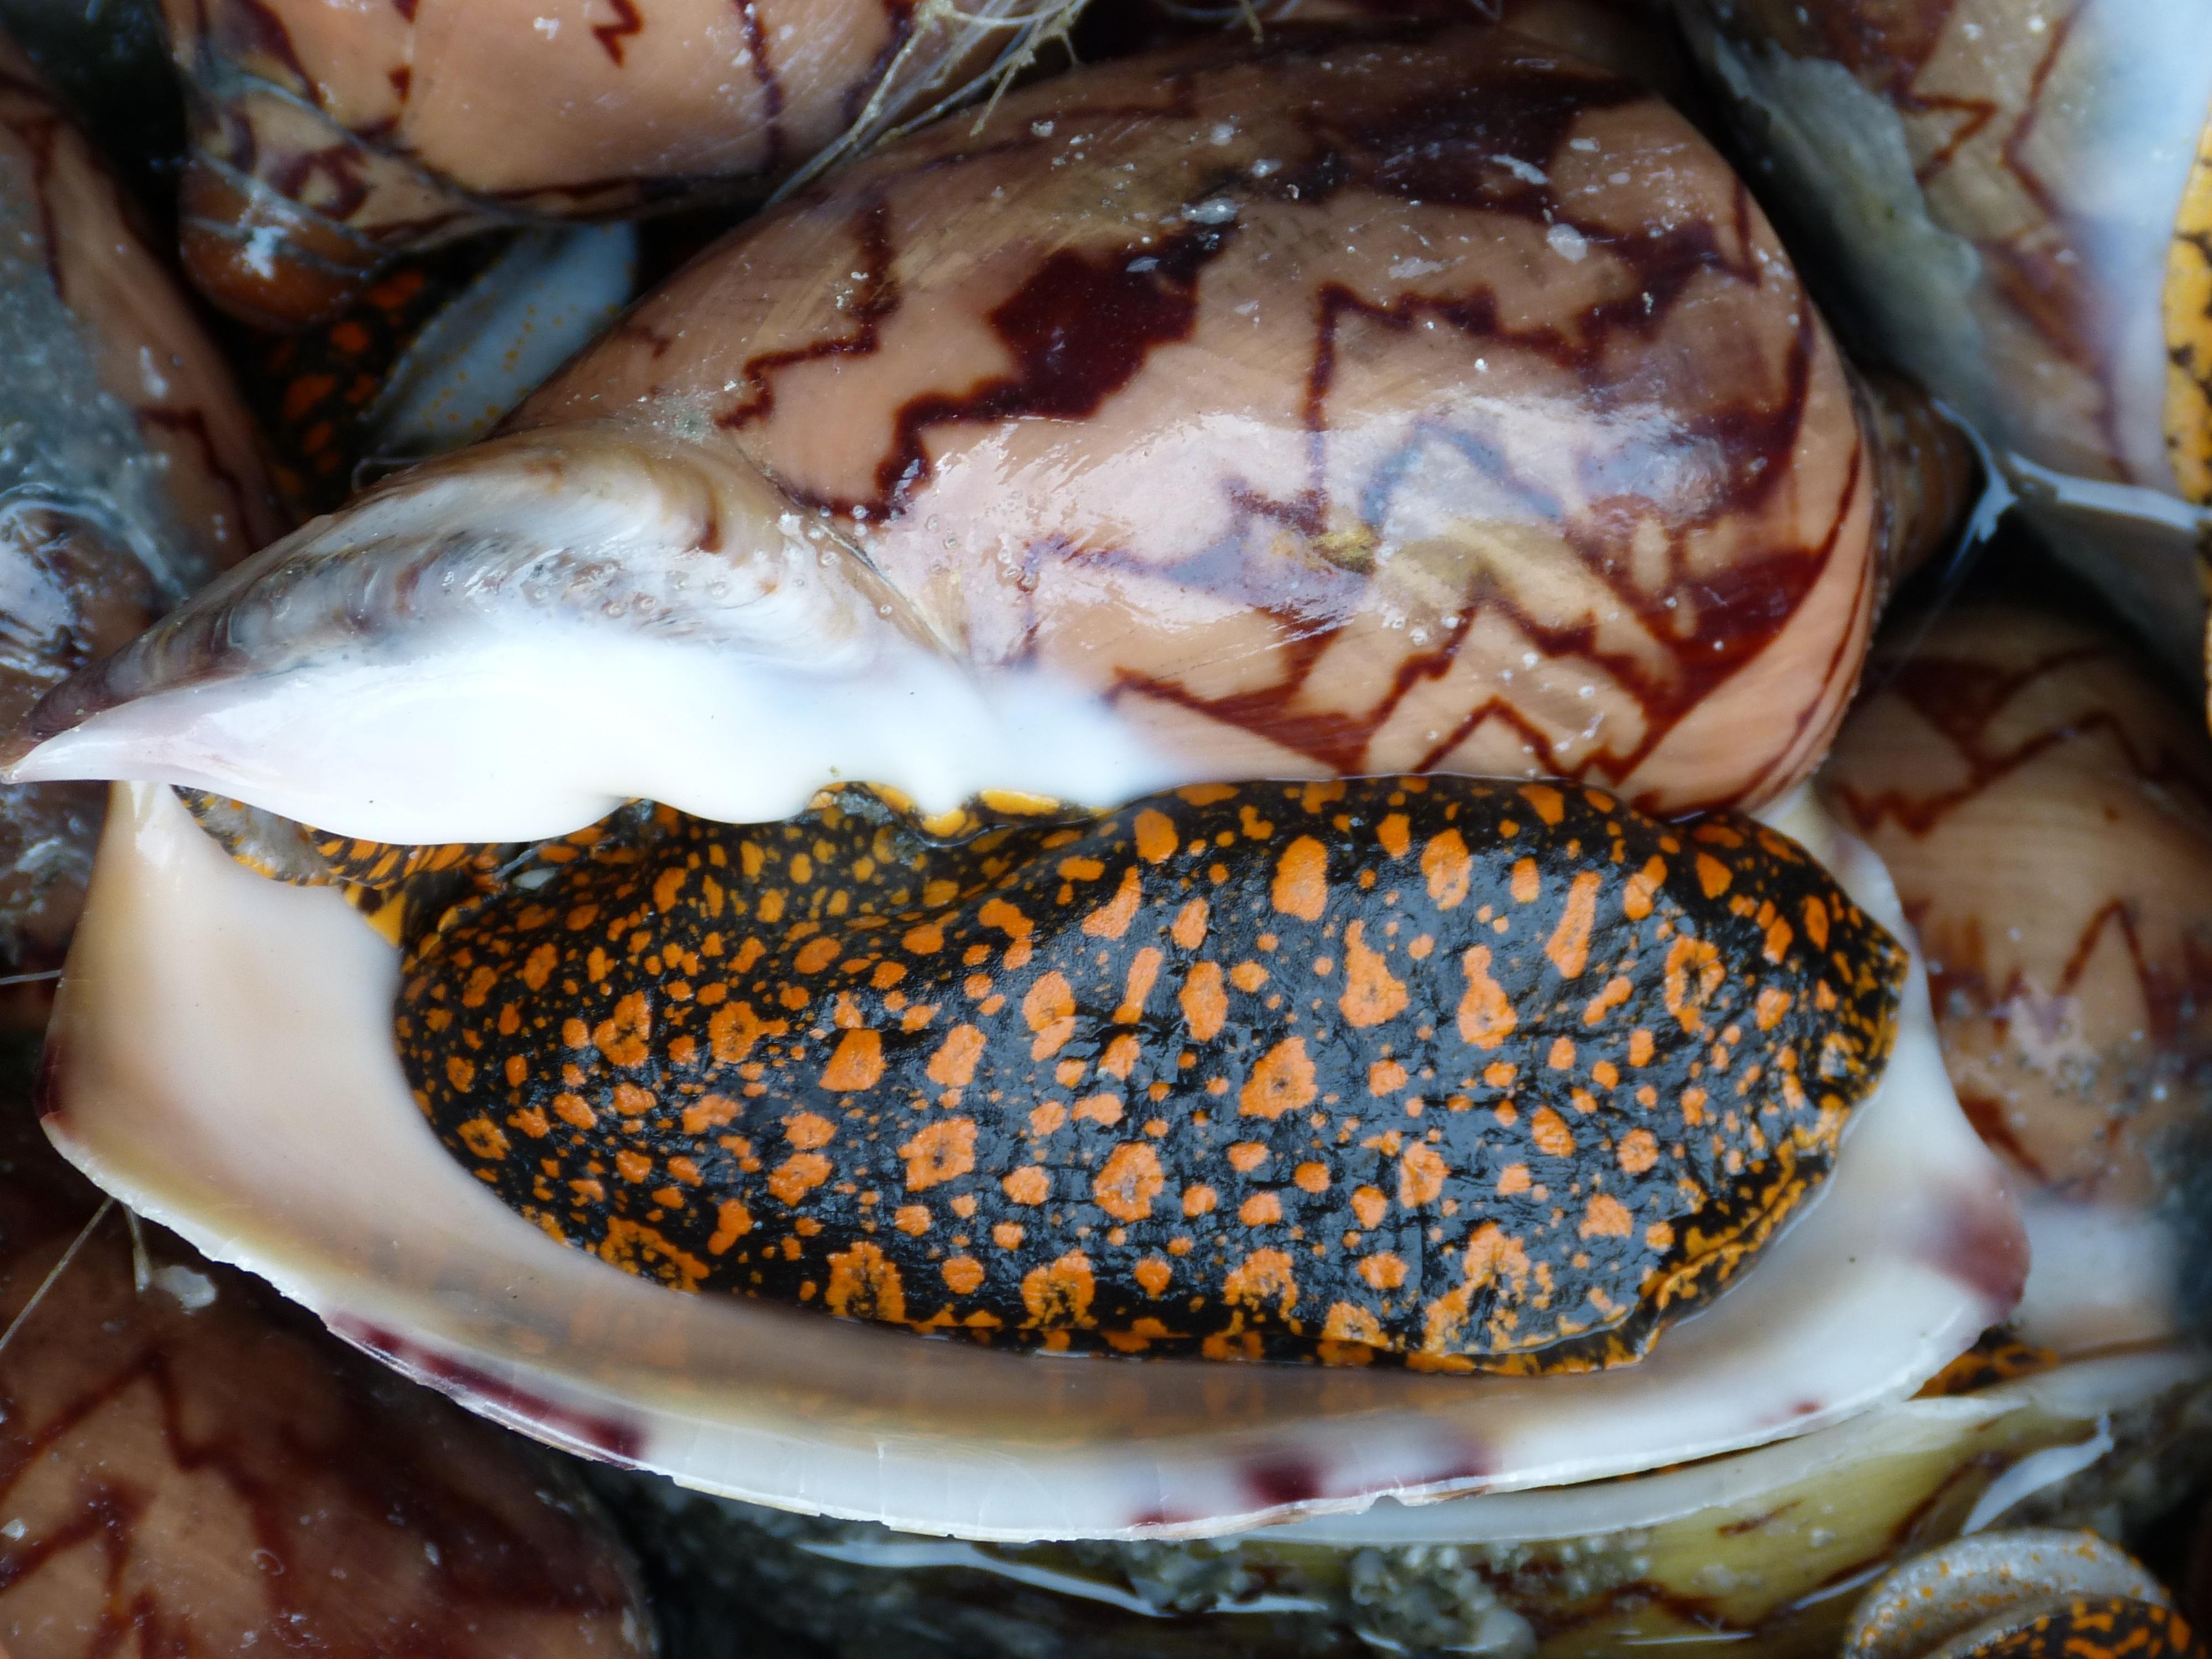 Como Cocinar Caracolas De Mar   Fotos Gratis Mar Plato Comida Produce Pescar Mariscos